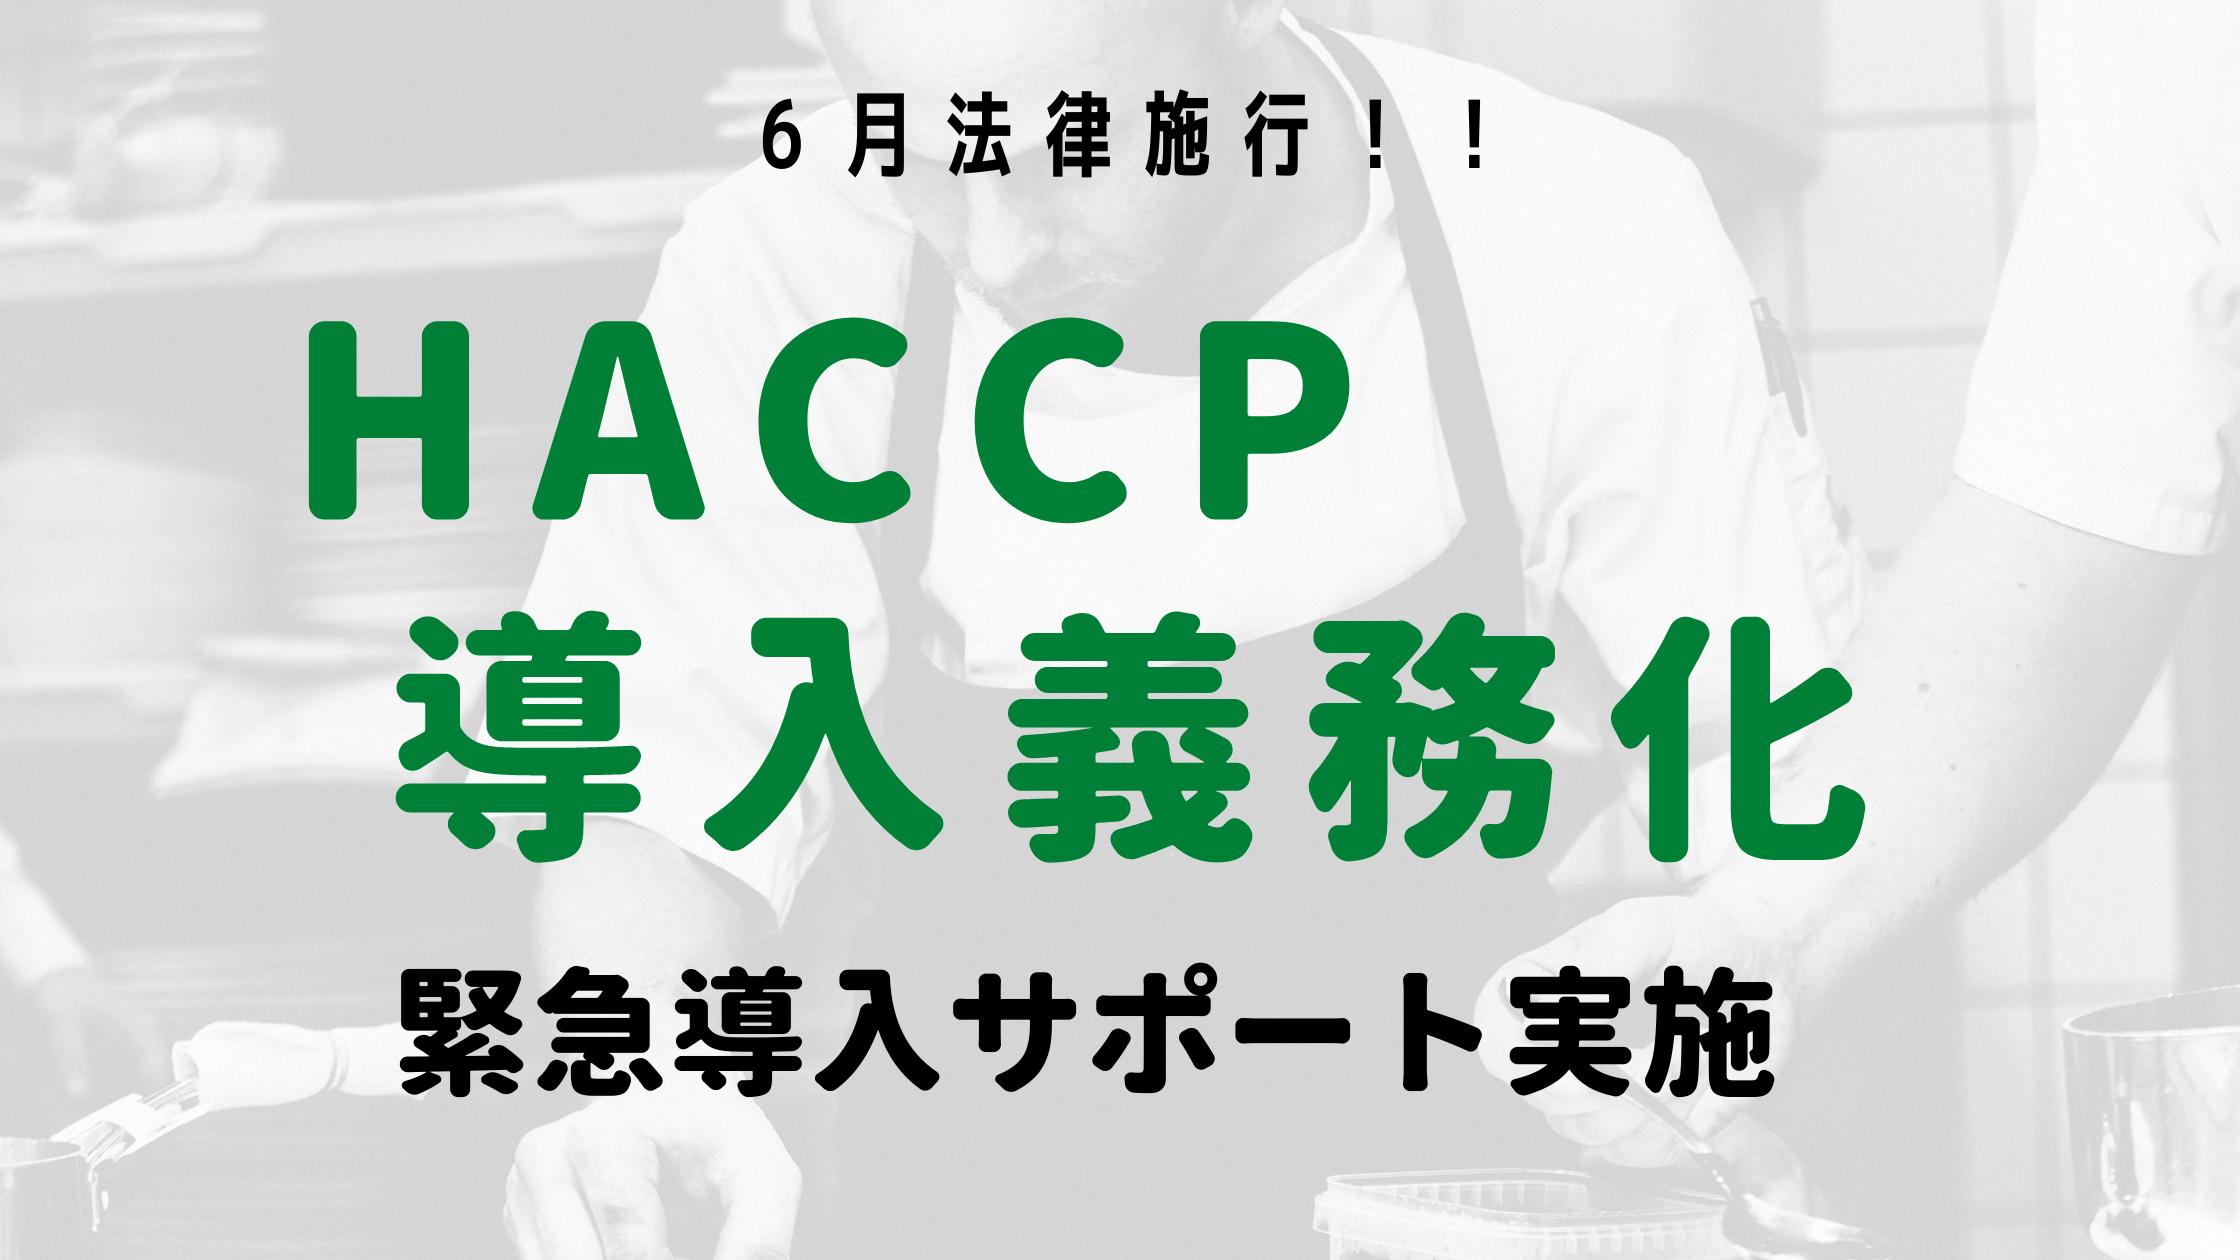 HACCP(ハサップ /国際衛生基準)導入義務化決定 無料対策サポート実施中